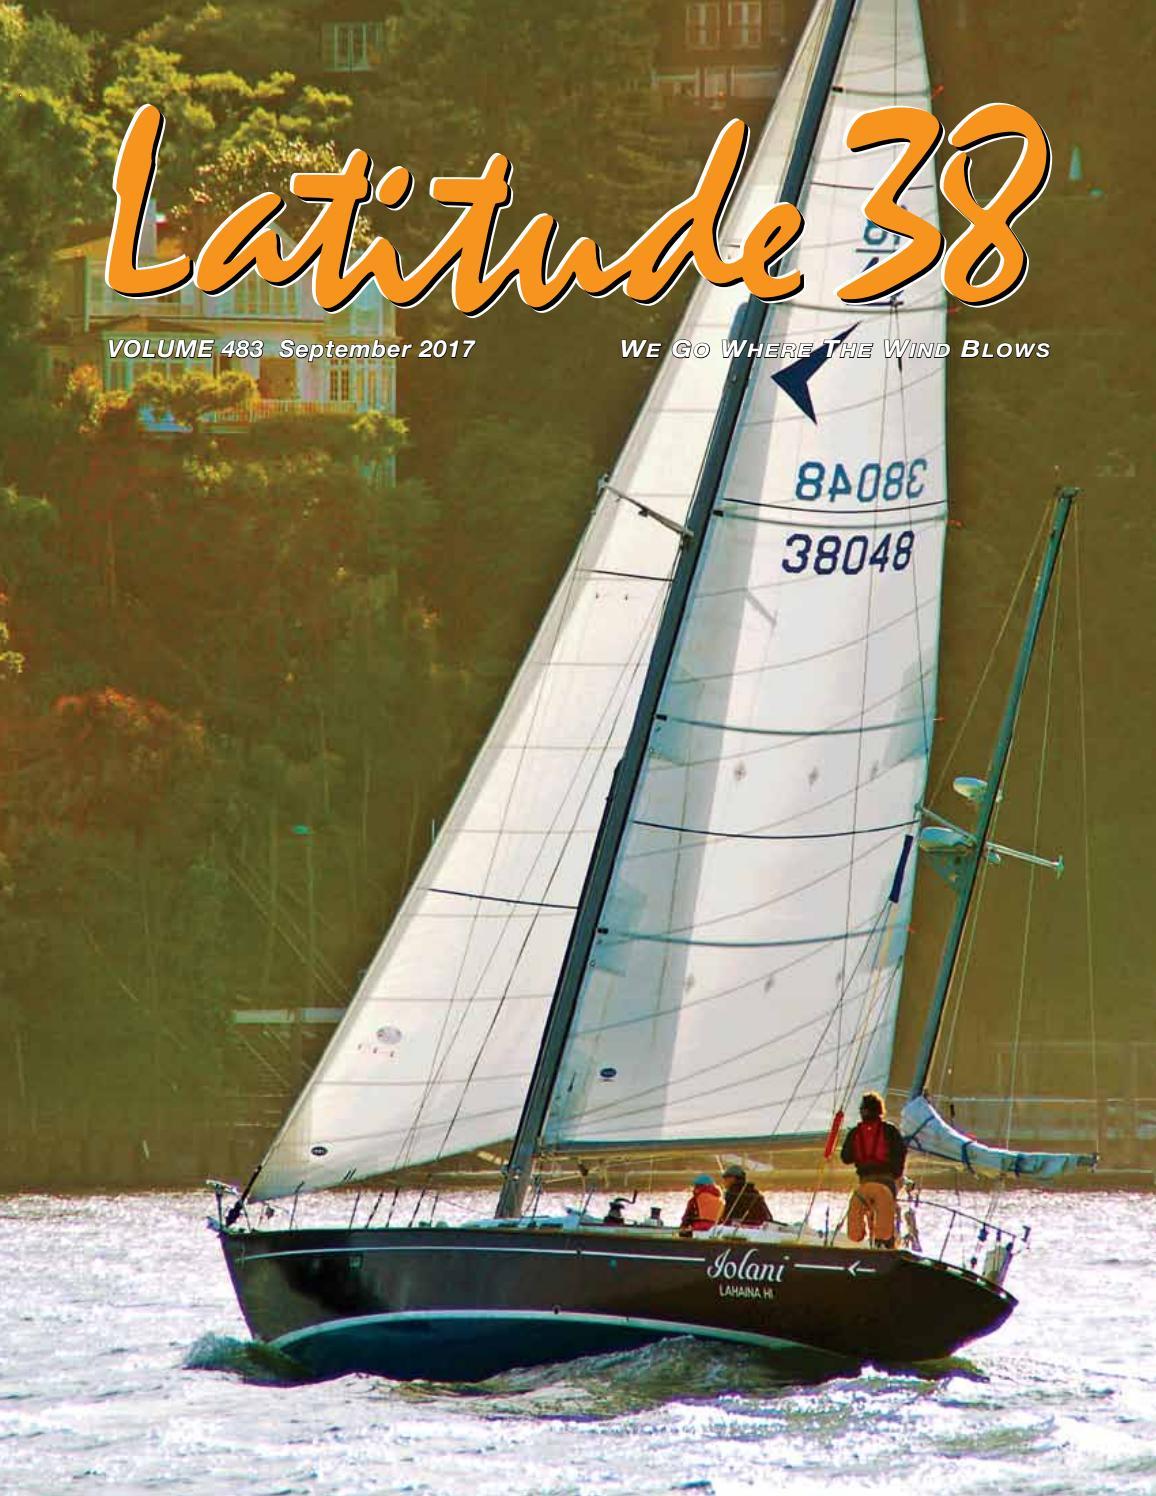 Latitude 38 Sept 2017 by Latitude 38 Media, LLC - issuu